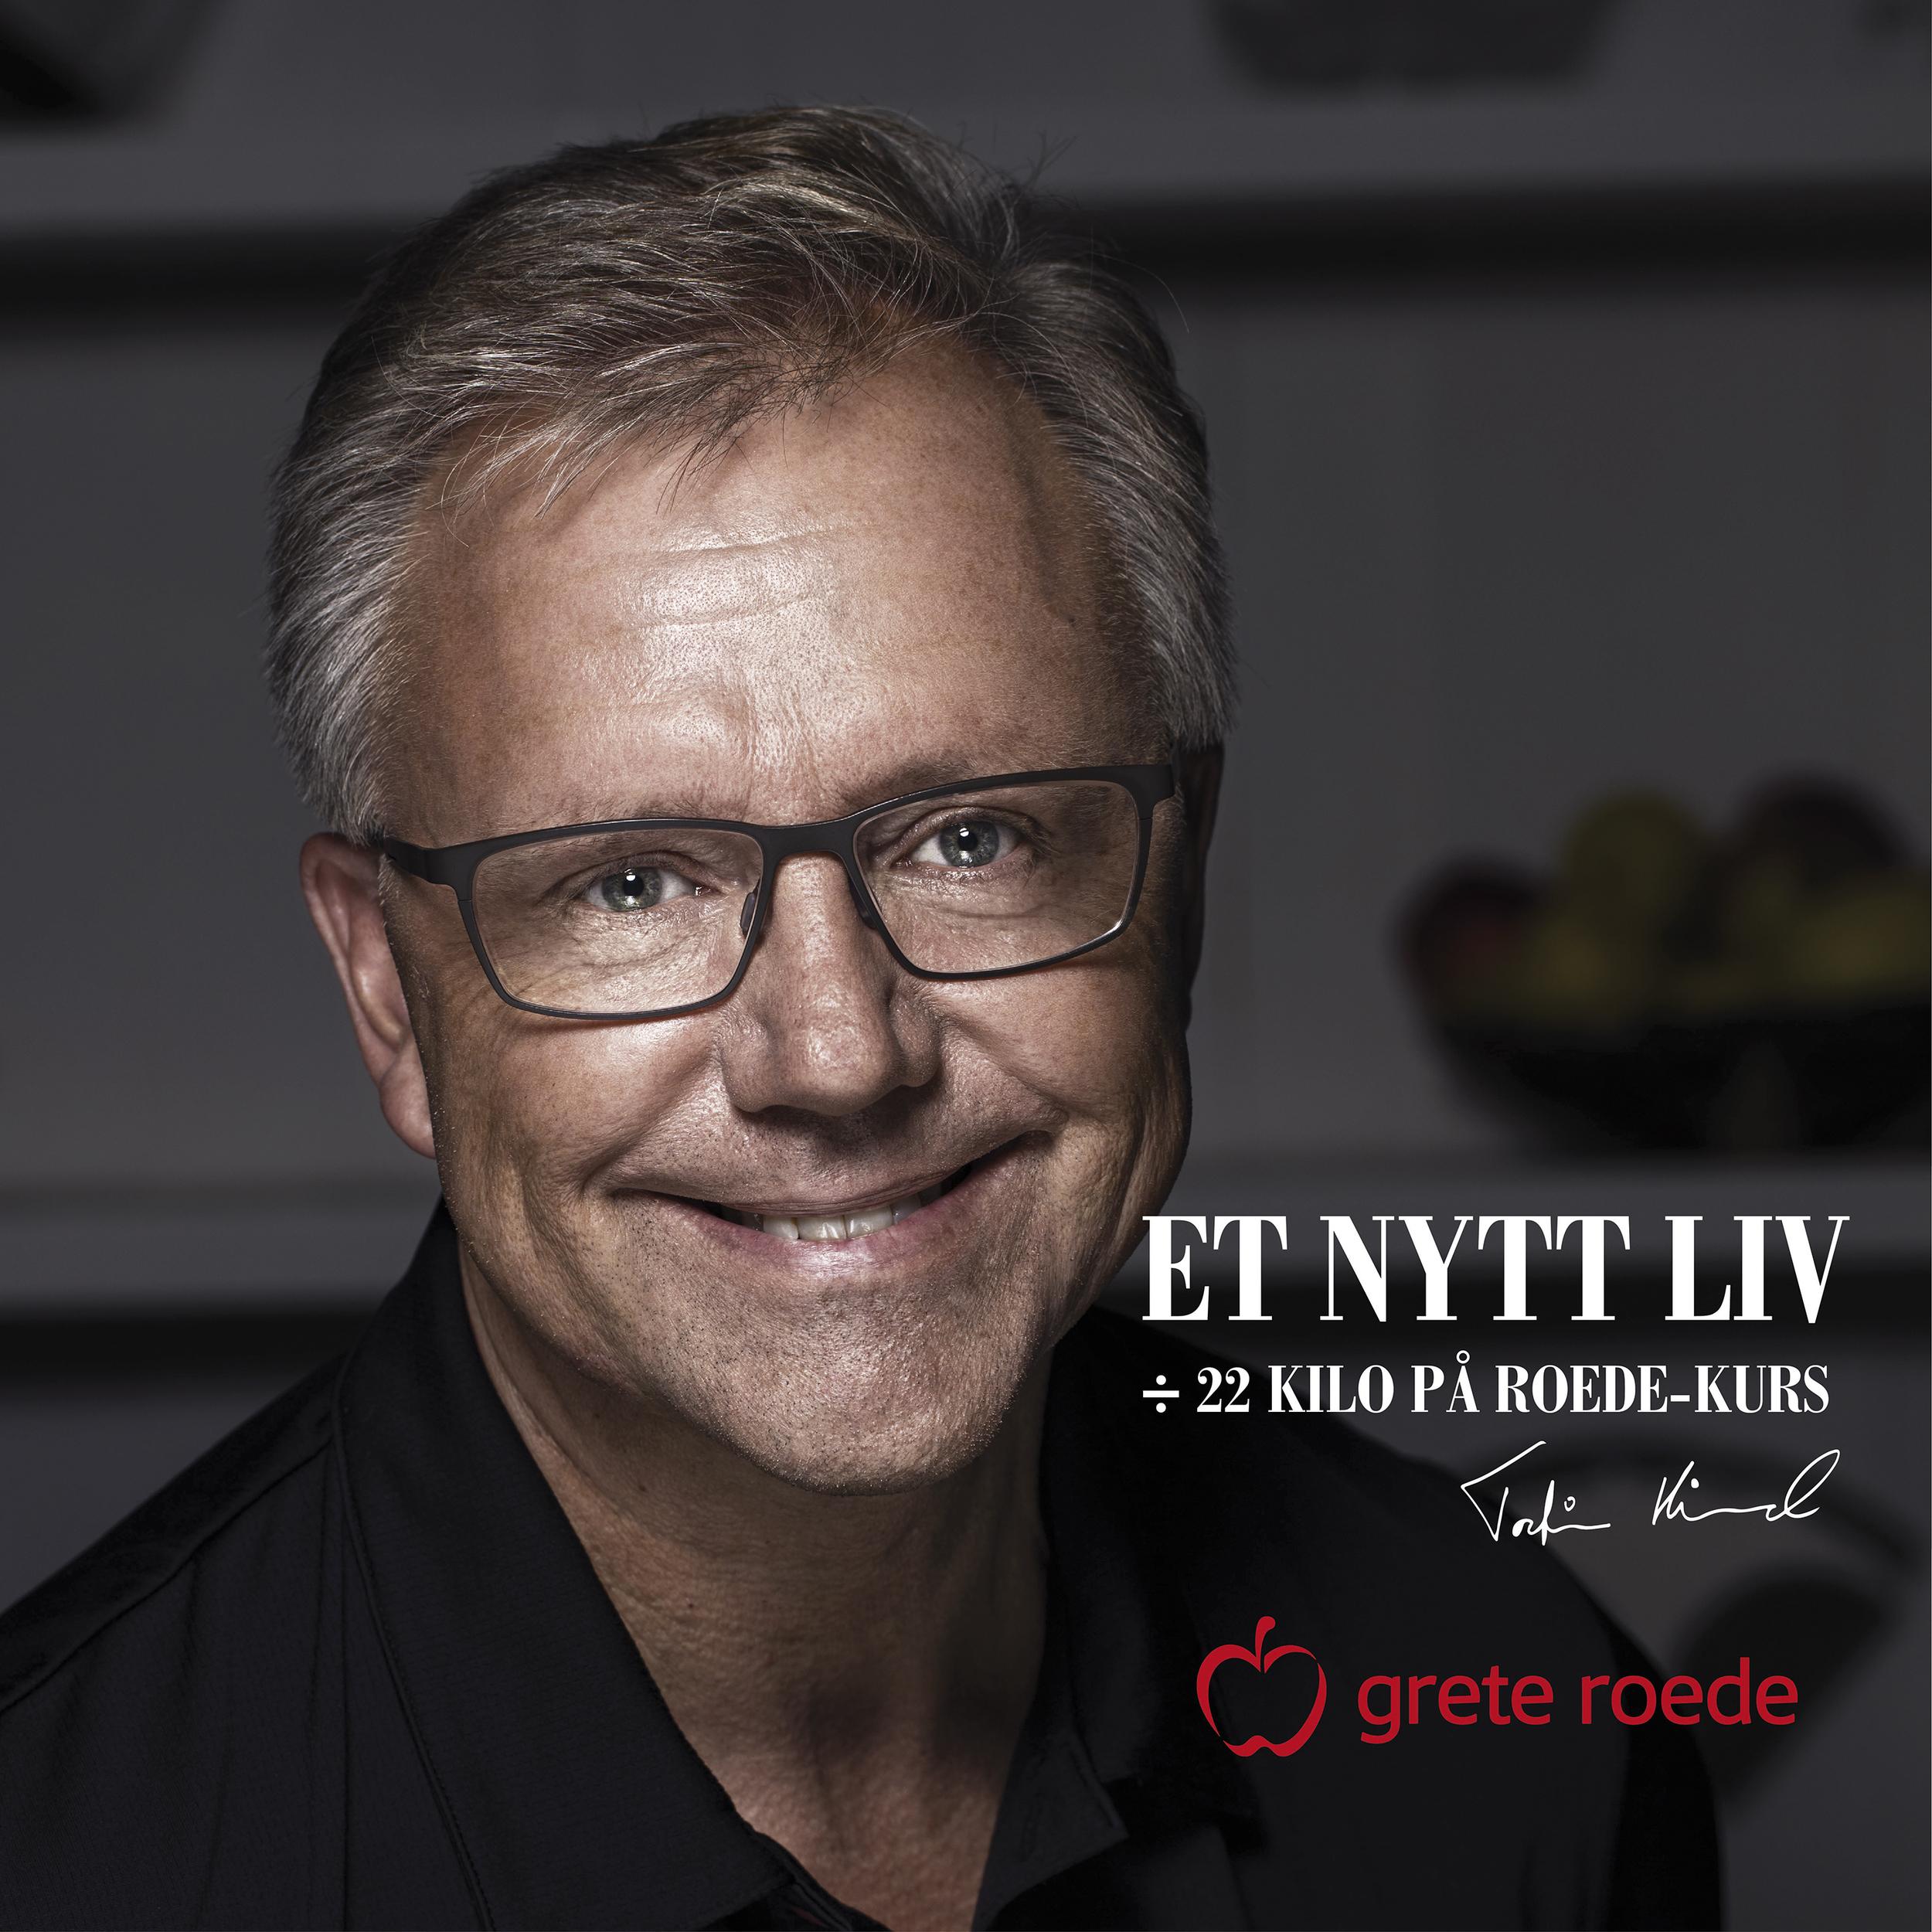 Fotograf Svein Brimi - Grete Roede